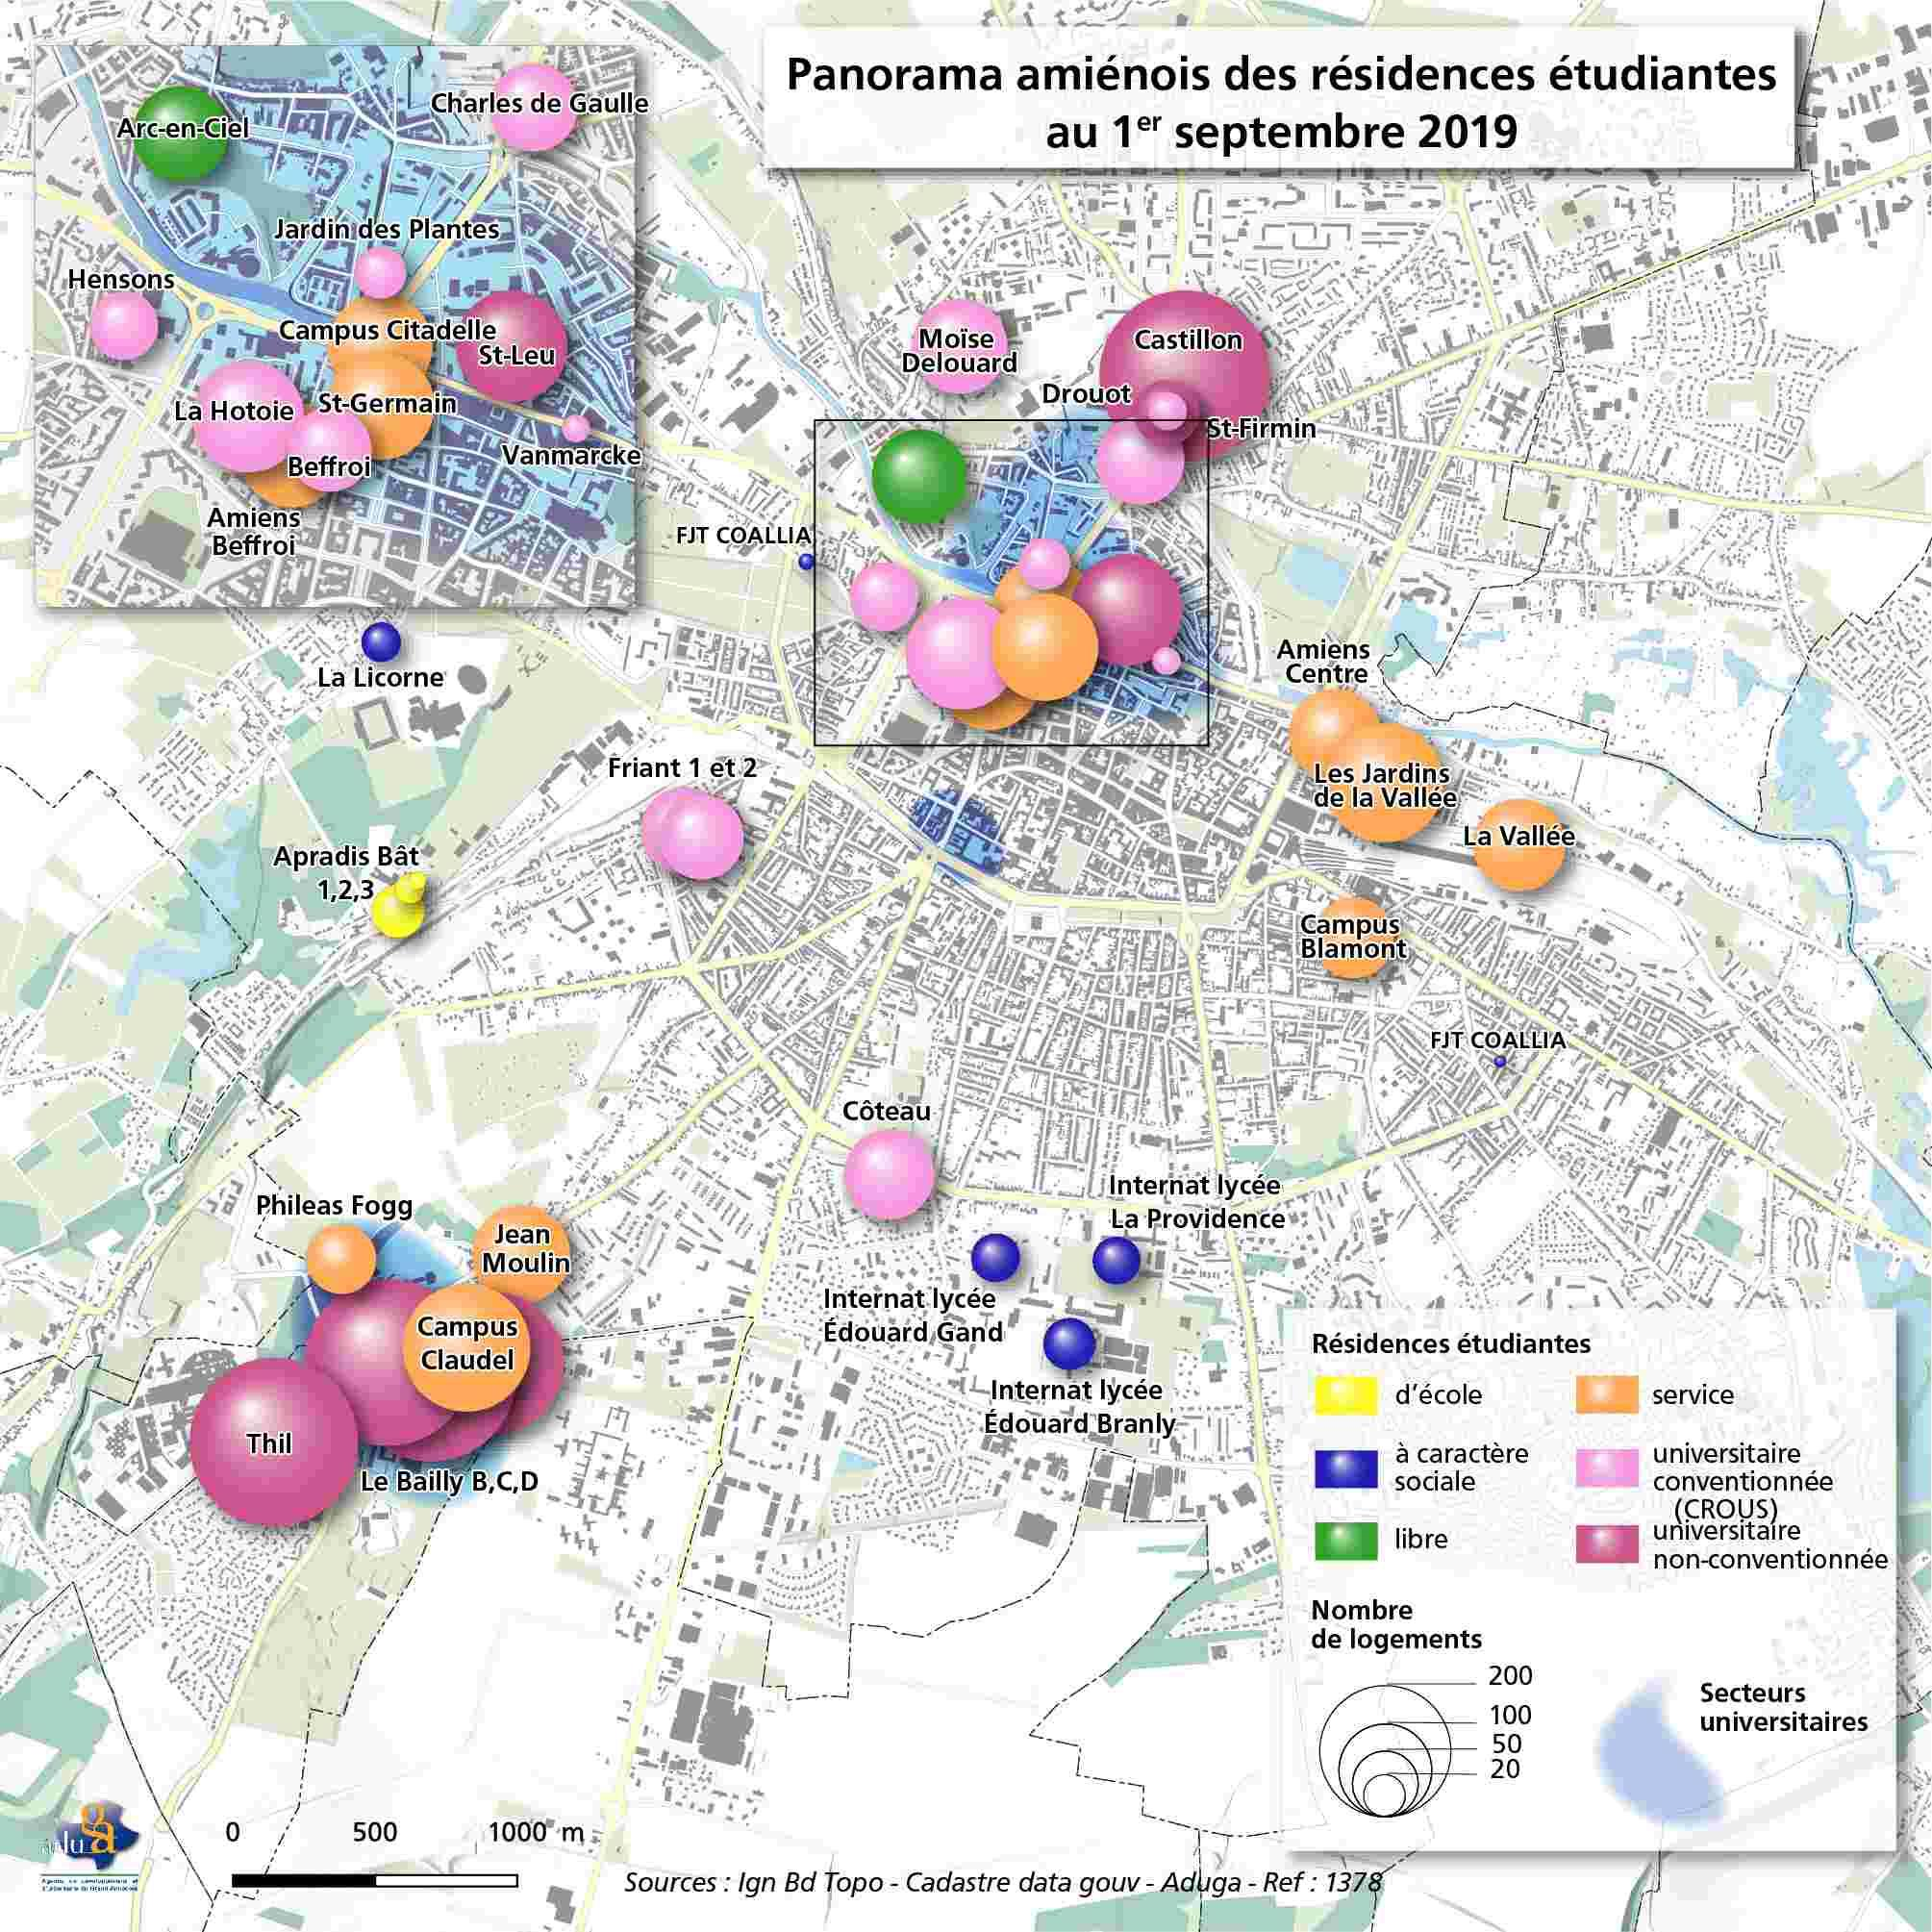 La carte du mois : Résidences étudiantes - Observatoire territorial du logement des étudiants - Premiers résultats